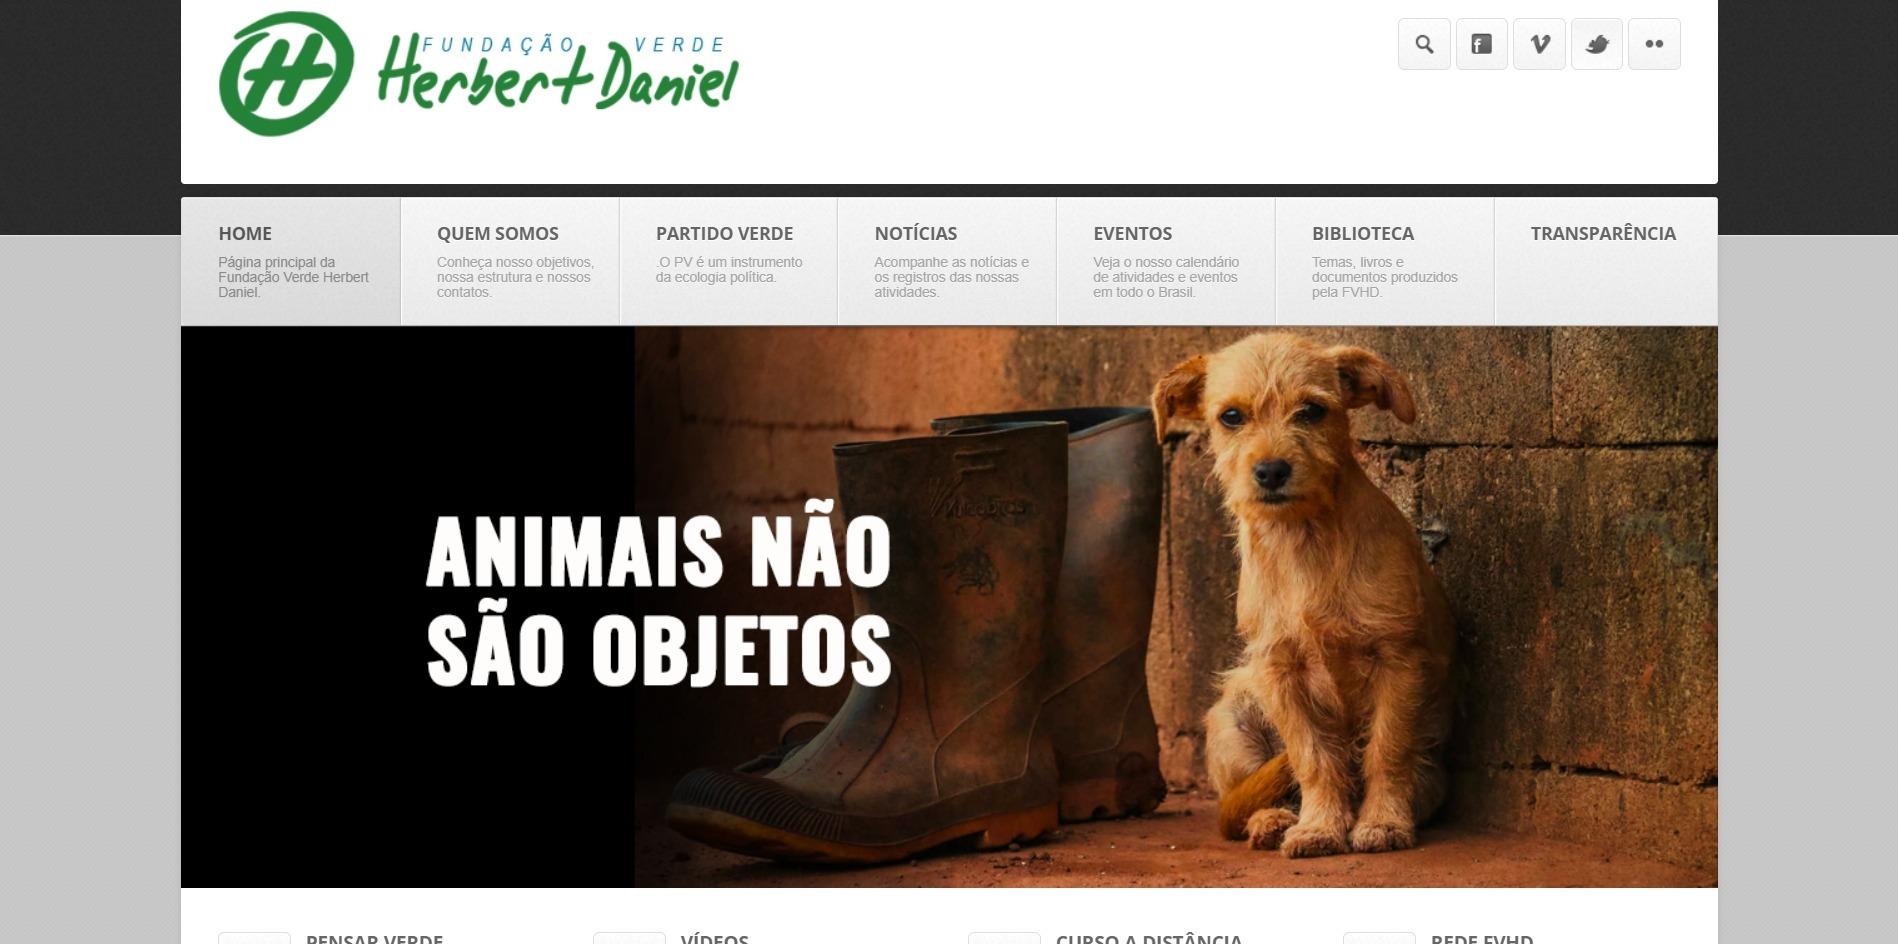 portfolio-fundacaoverde.org.br